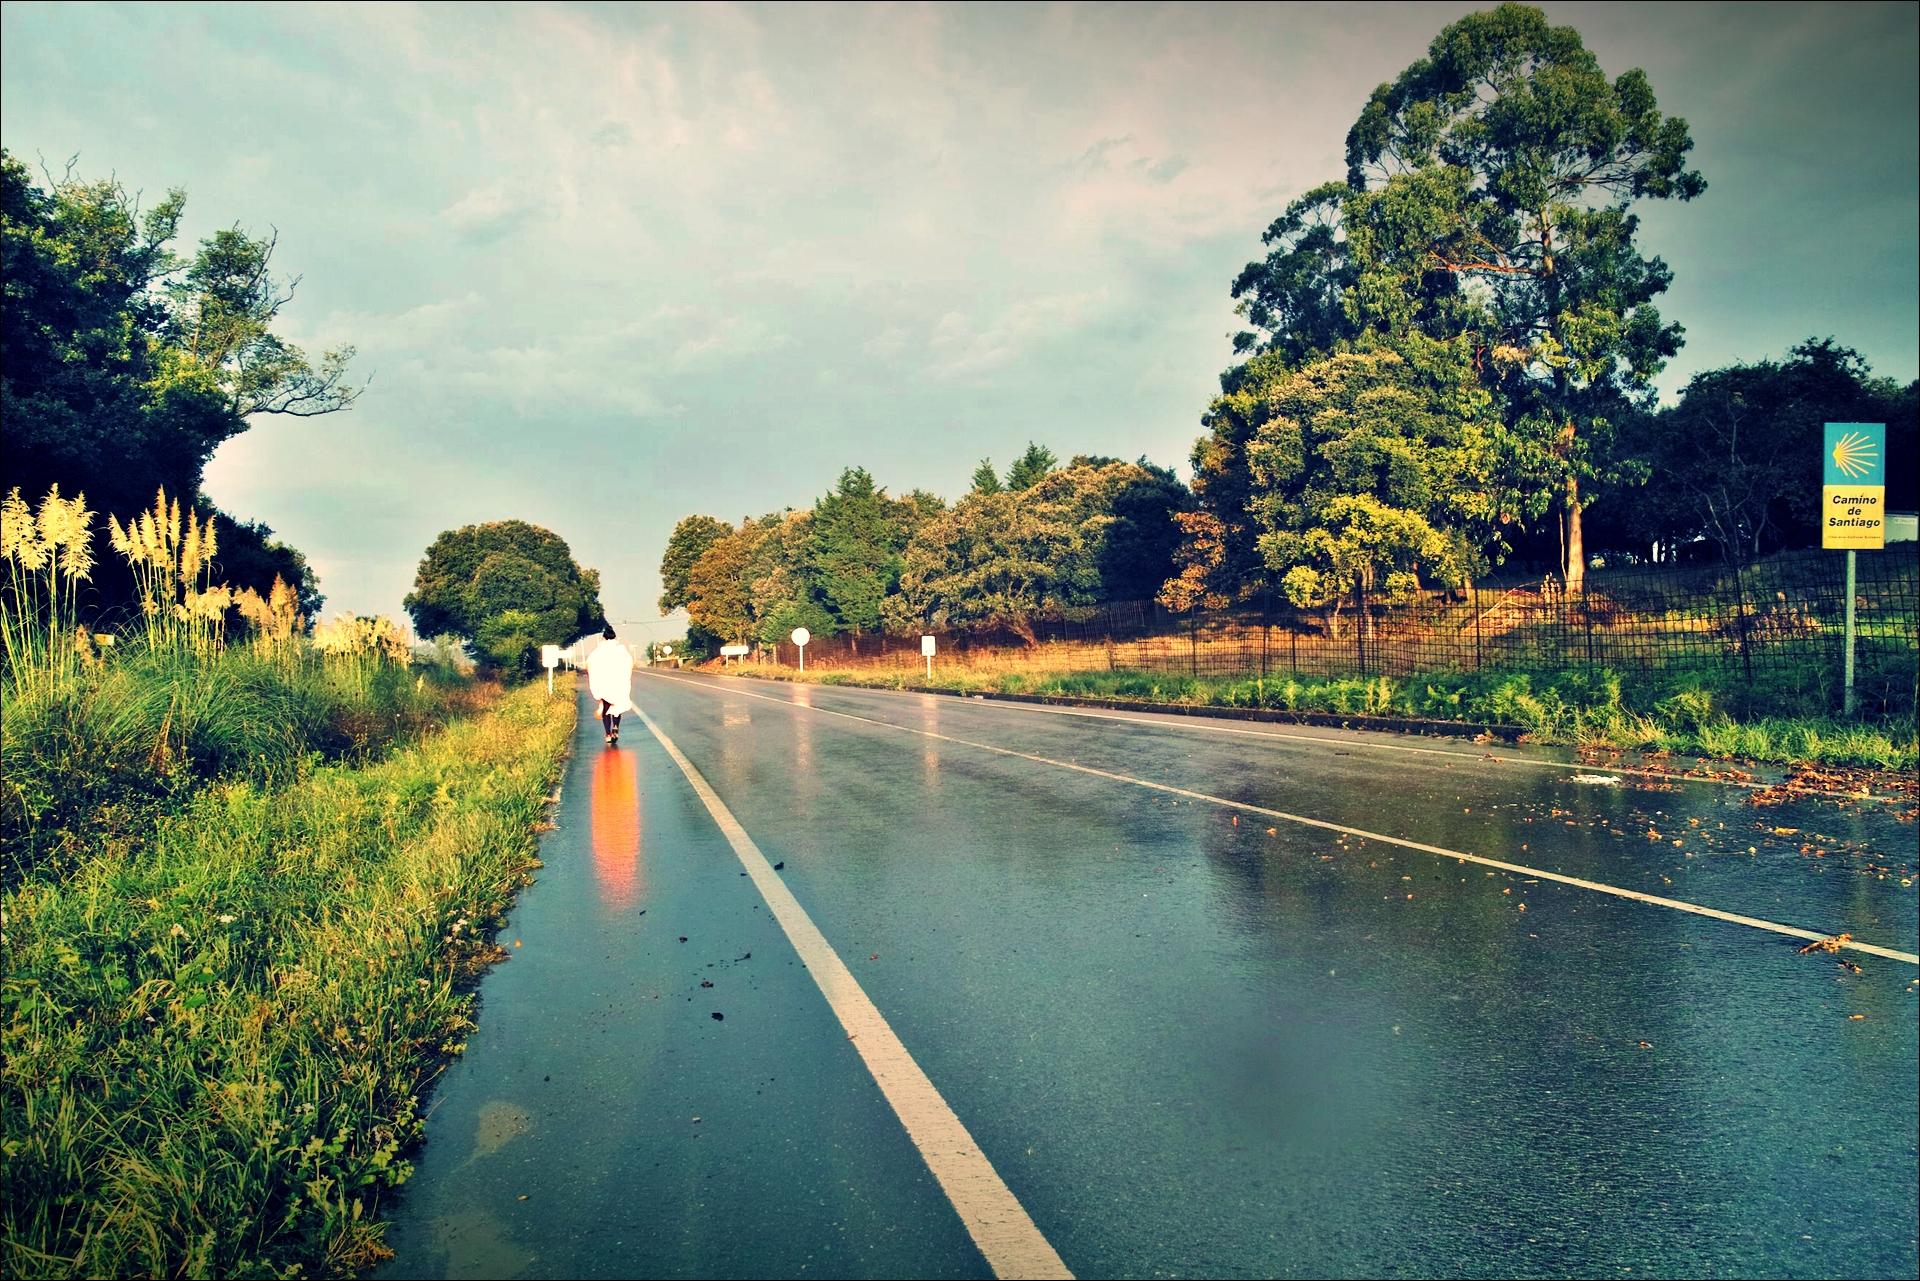 빗길-'카미노 데 산티아고 북쪽길. 노하에서 궤메스. (Camino del Norte - Noja to Güemes)'